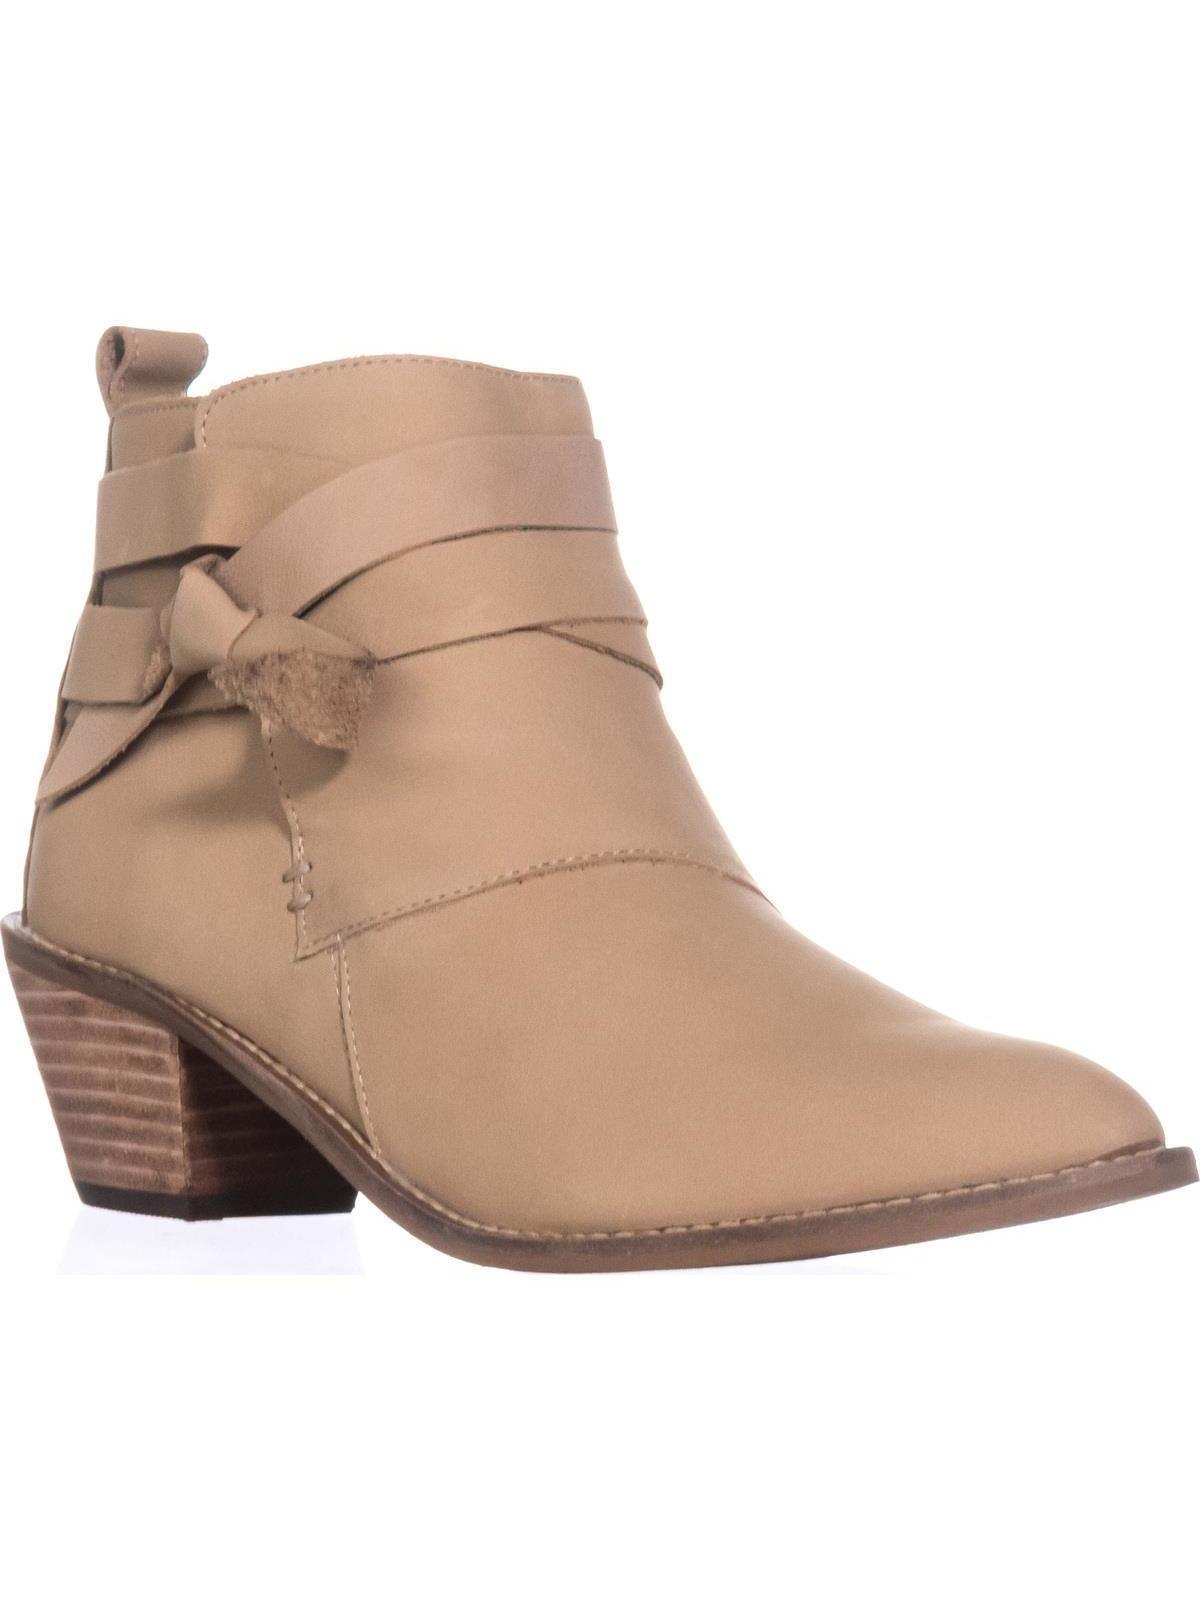 KELSI DAGGER BROOKLYN Womens Kingston Ankle Boot